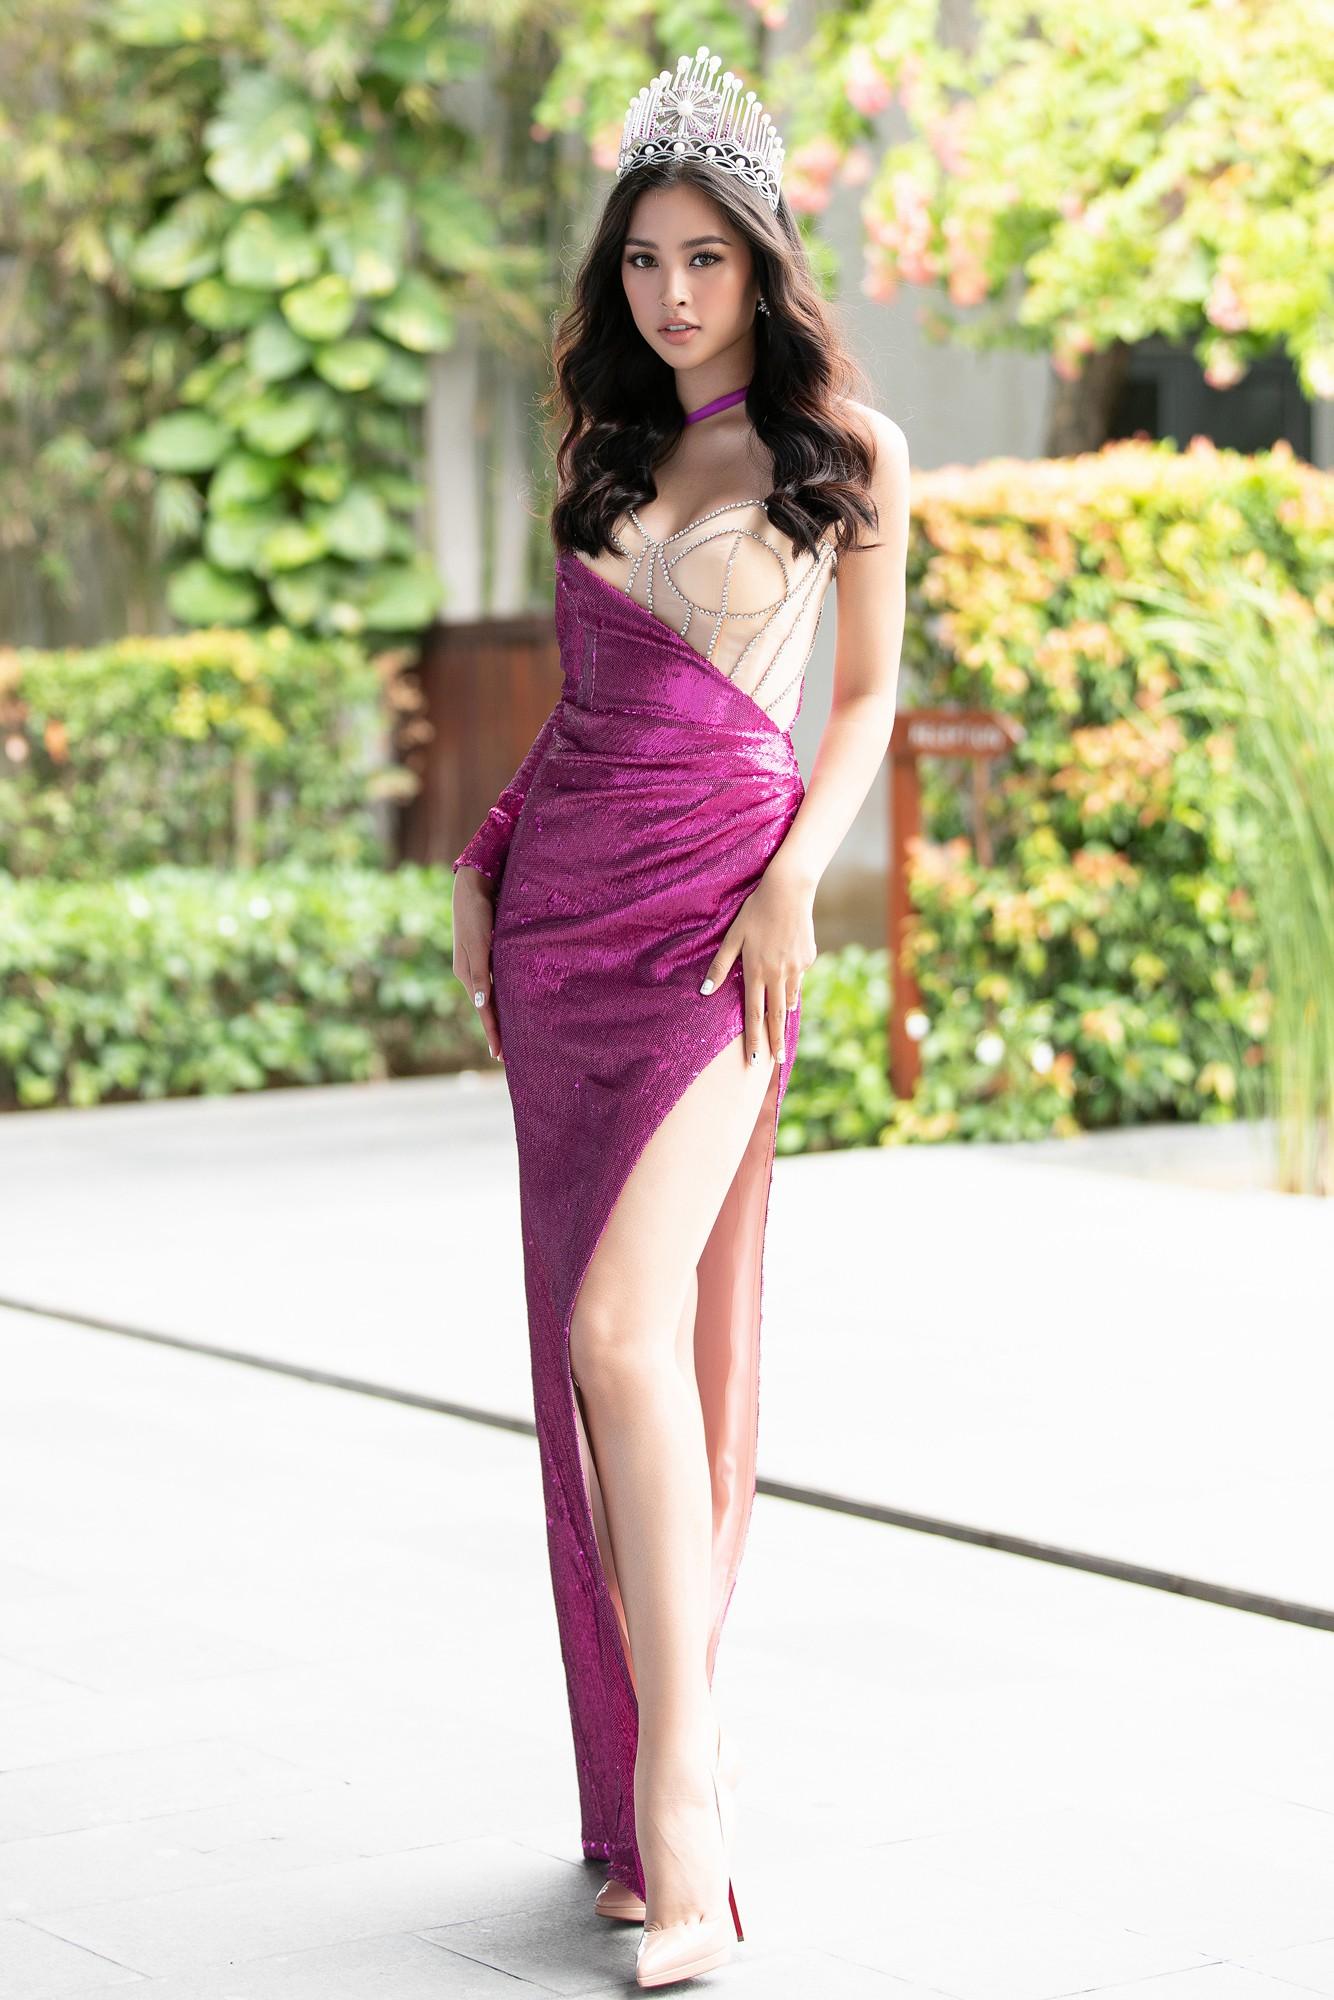 Họp báo chung kết Miss World Việt Nam 2019: Mỹ Linh - Tiểu Vy rạng rỡ đọ sắc, công bố cận cảnh vương miện 3 tỷ đồng - Ảnh 5.